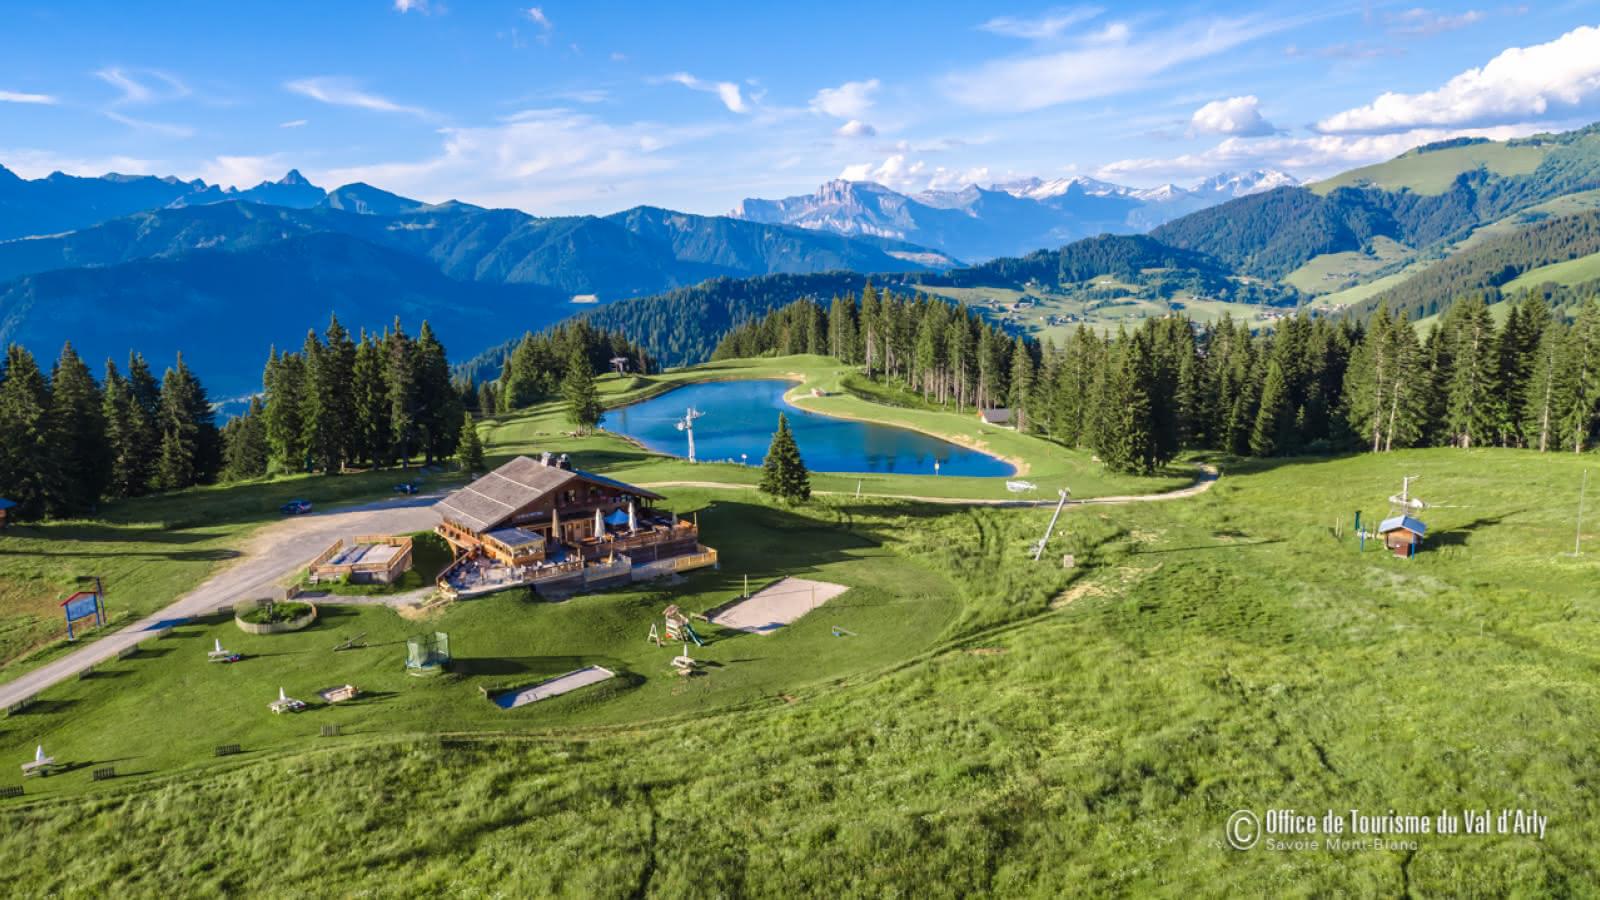 Vue aérienne du lac du Mont-Lachat à Crest-Voland / Cohennoz